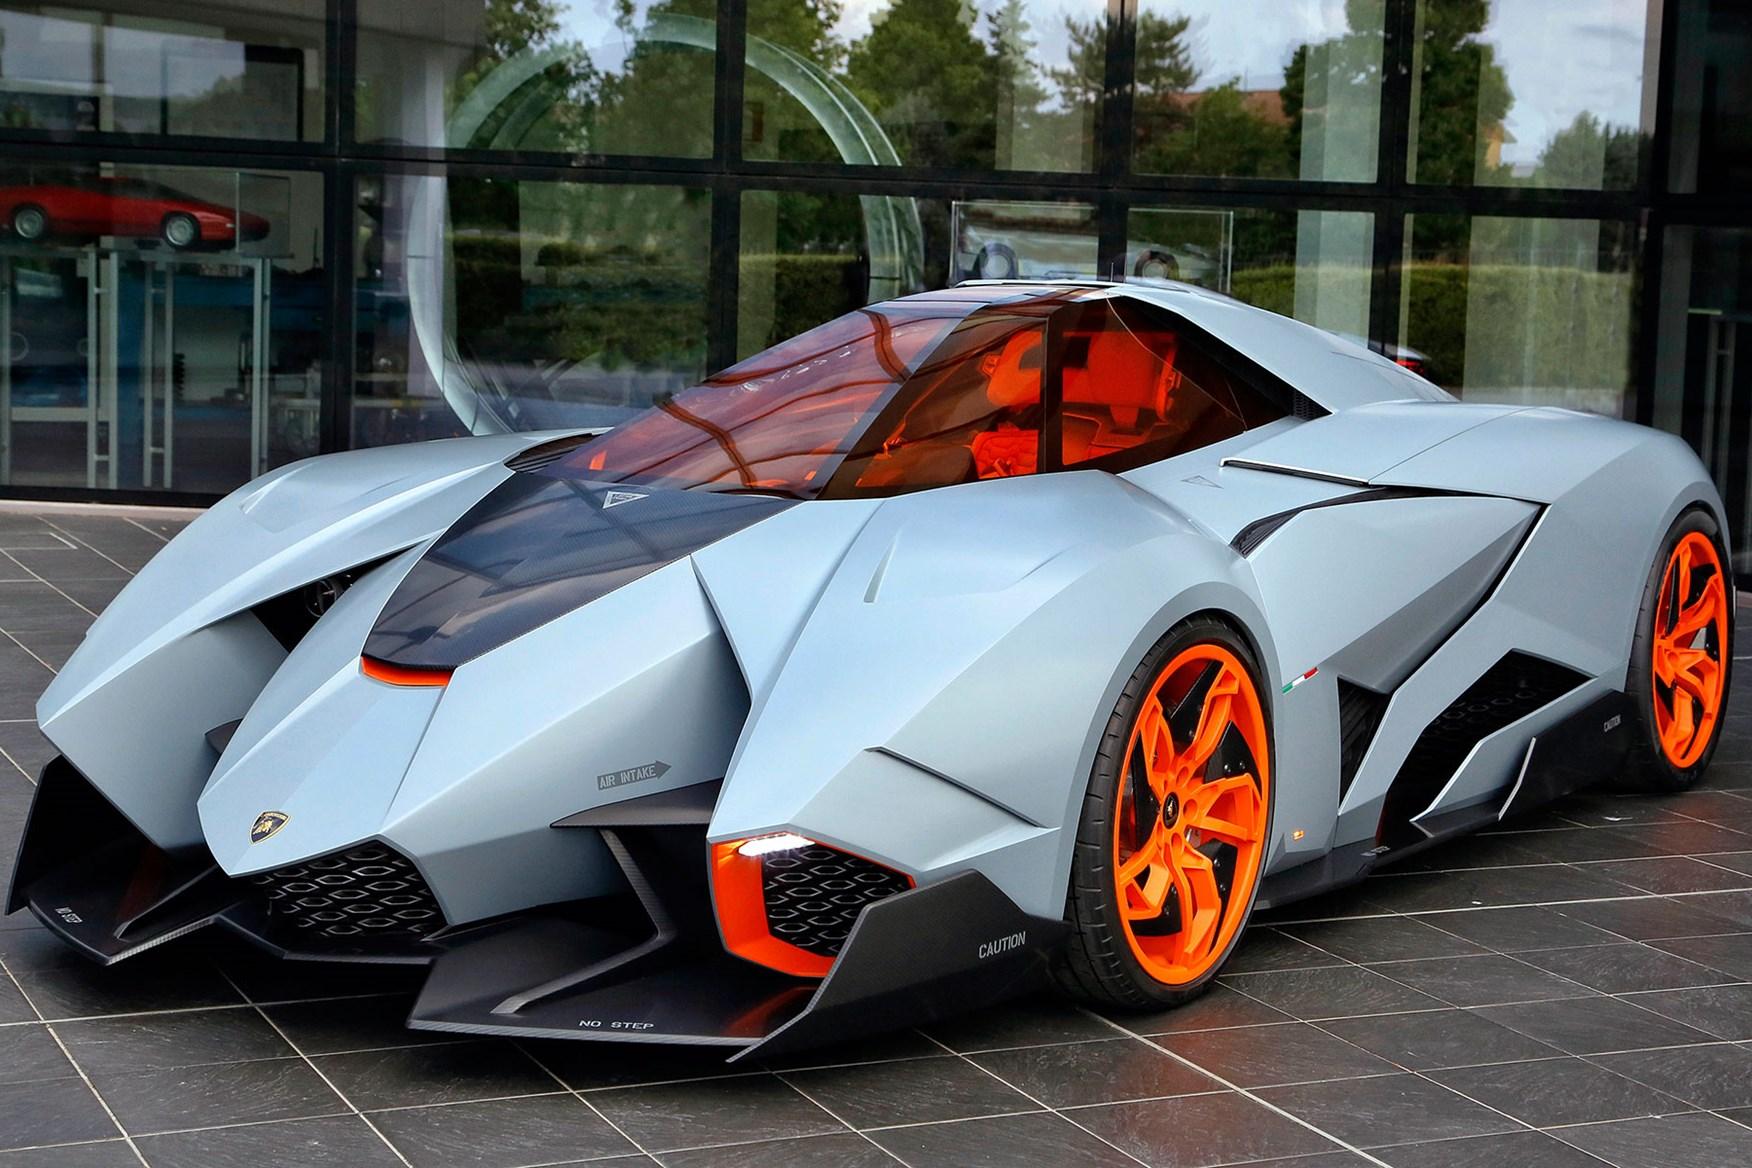 Lamborghini types and prices